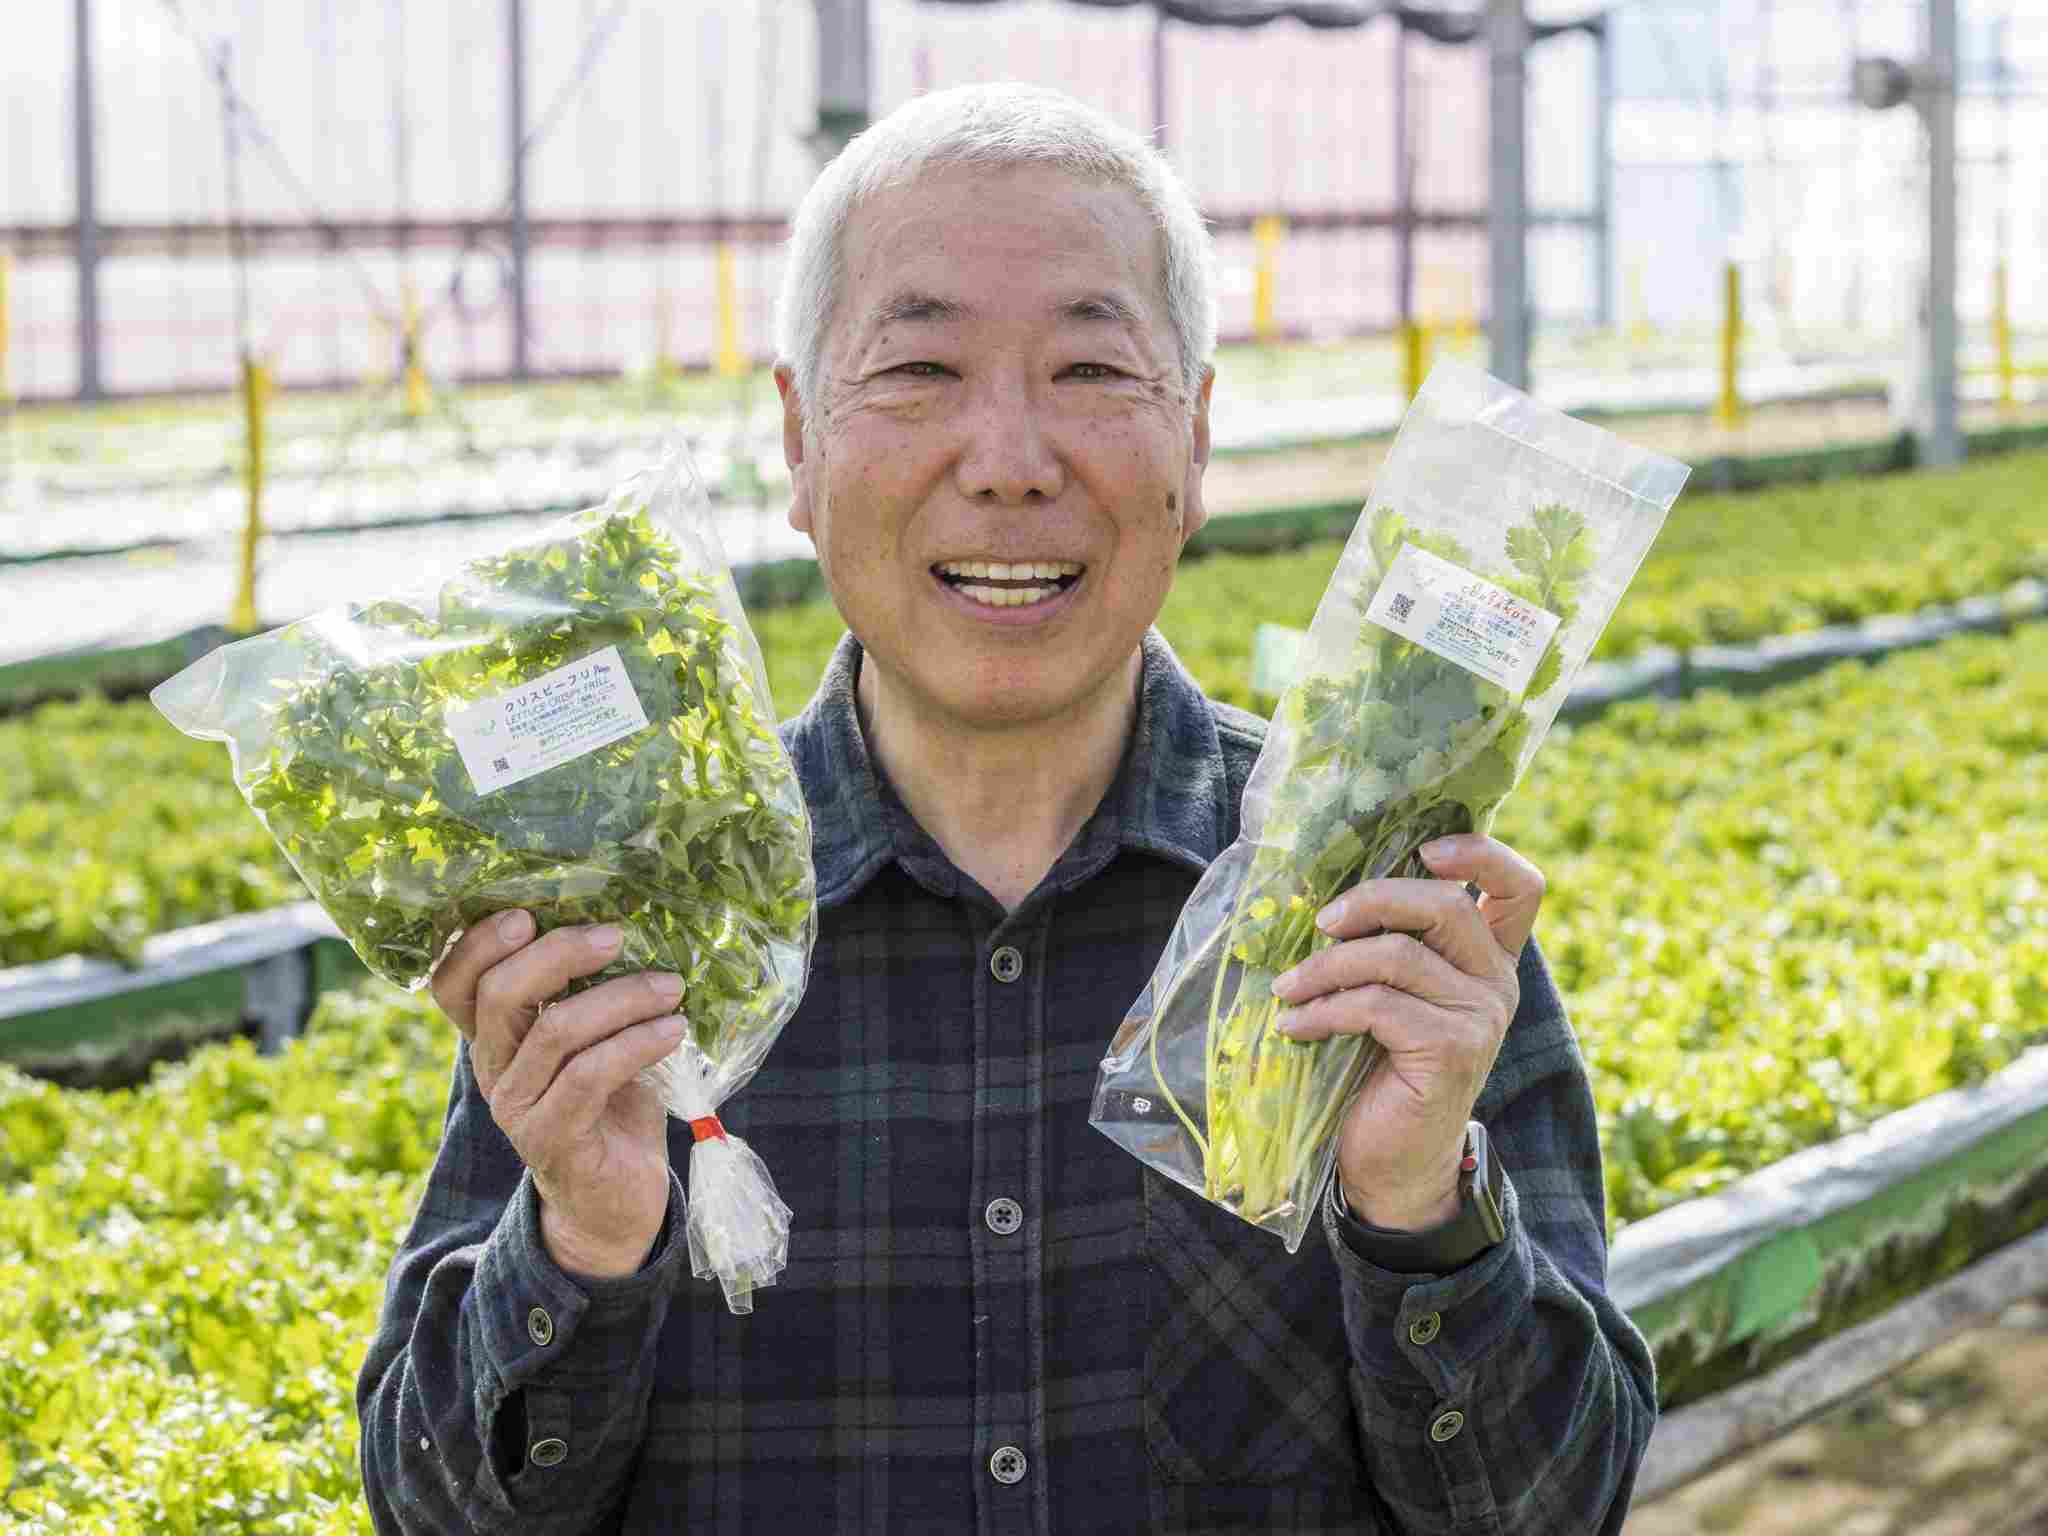 栽培技術の確立により誰でも安定生産が可能に!? 作業負担を軽減できる「トレファーム®」の導入事例